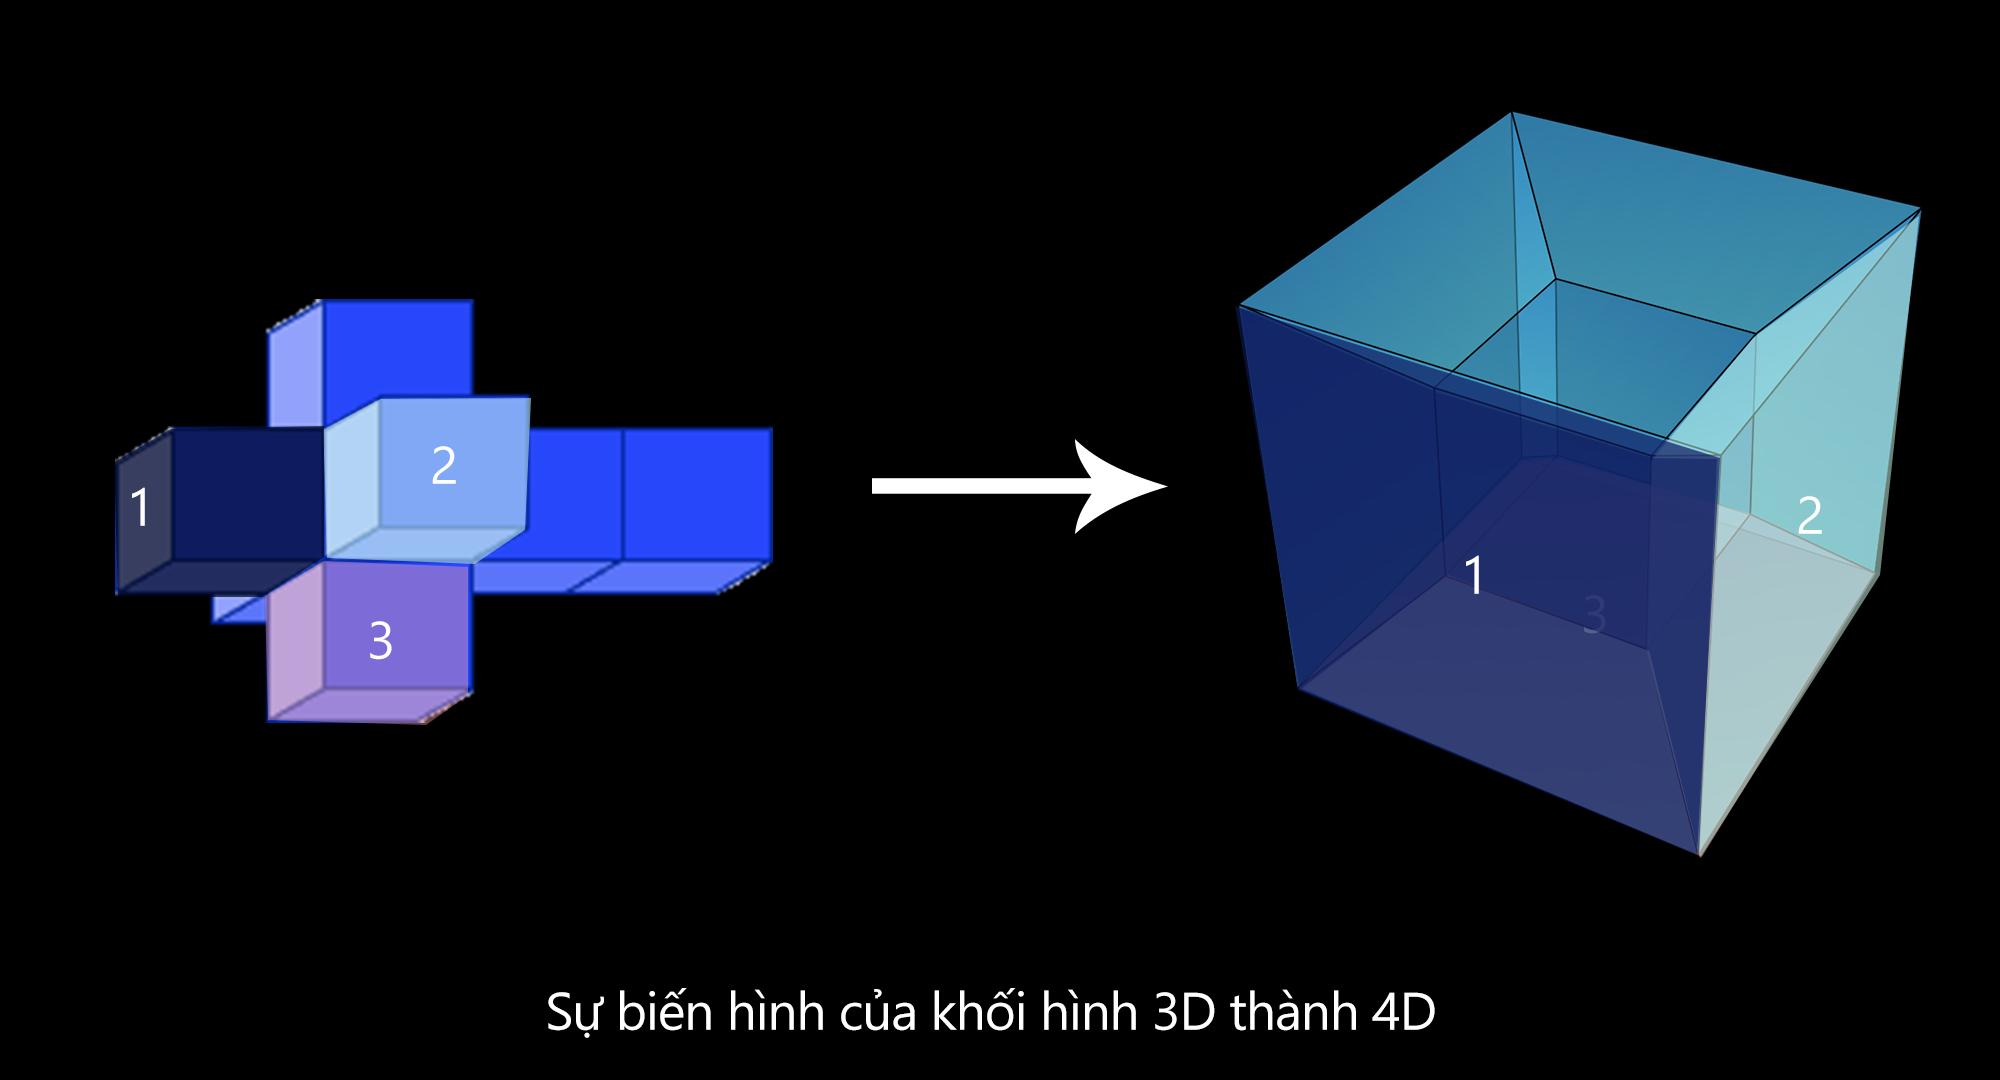 Vậy 4D thì có gì đặc biệt? Về lý thuyết nó chỉ là một không gian ảo ảo nào đó tạo ra bởi sự bẻ cong và bóp nắn của không gian ...